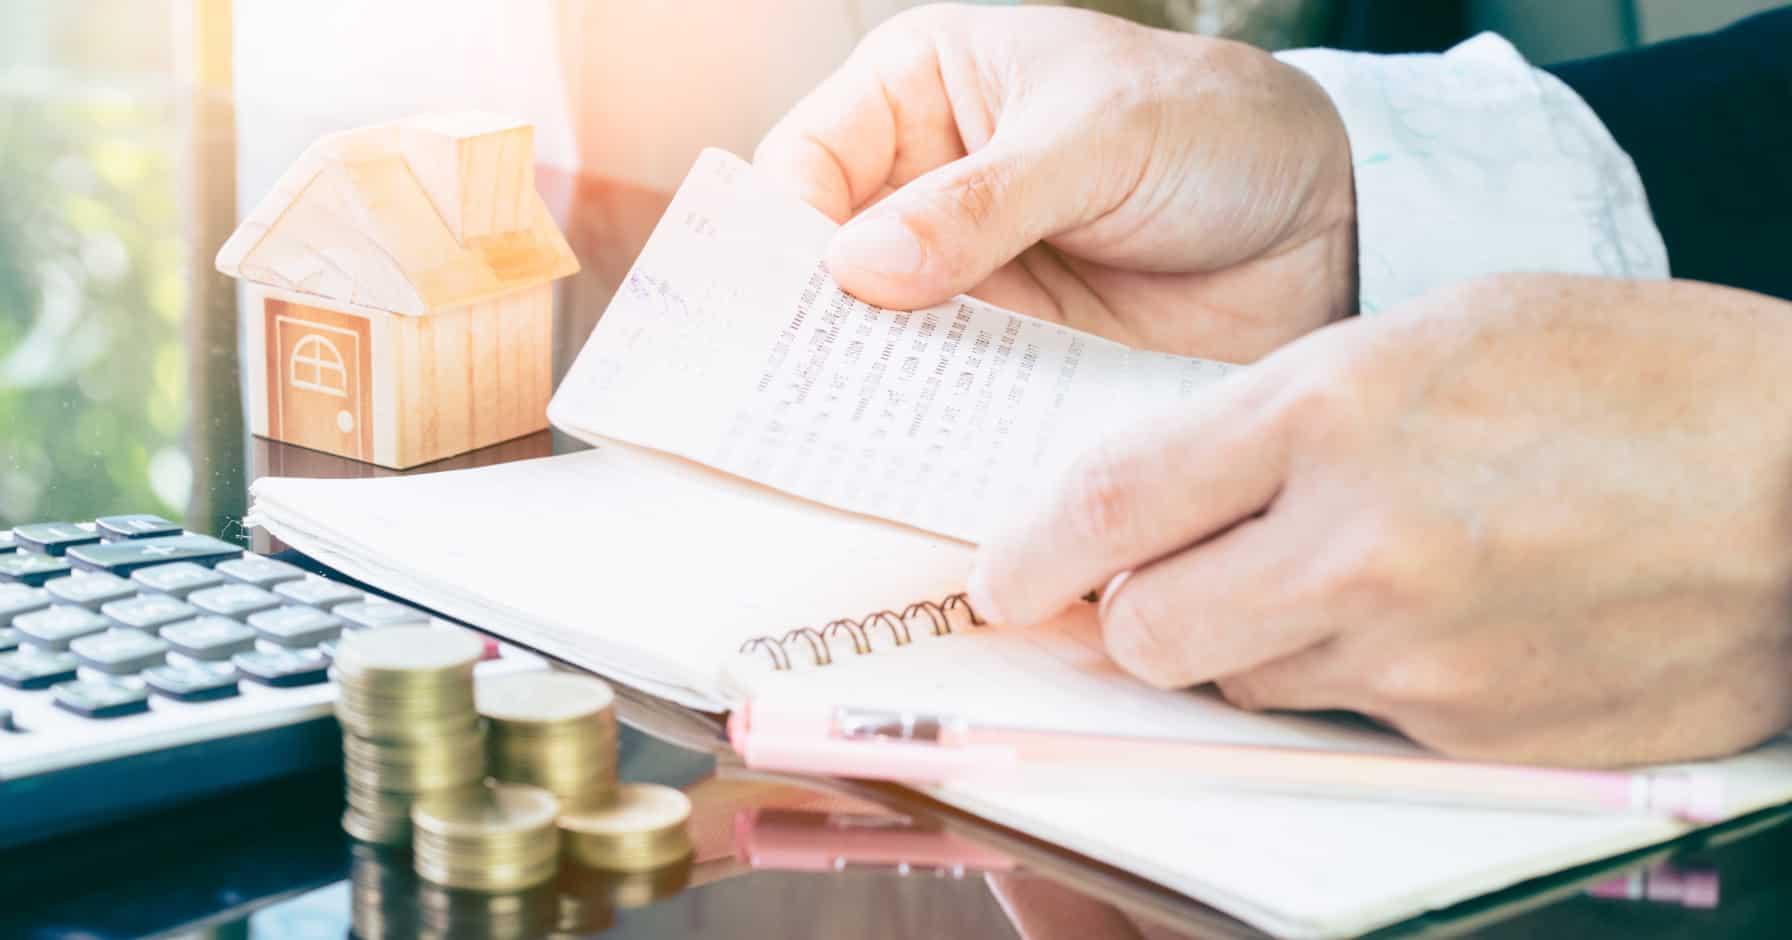 Ehefrau zahlt Schulden des Ehemannes